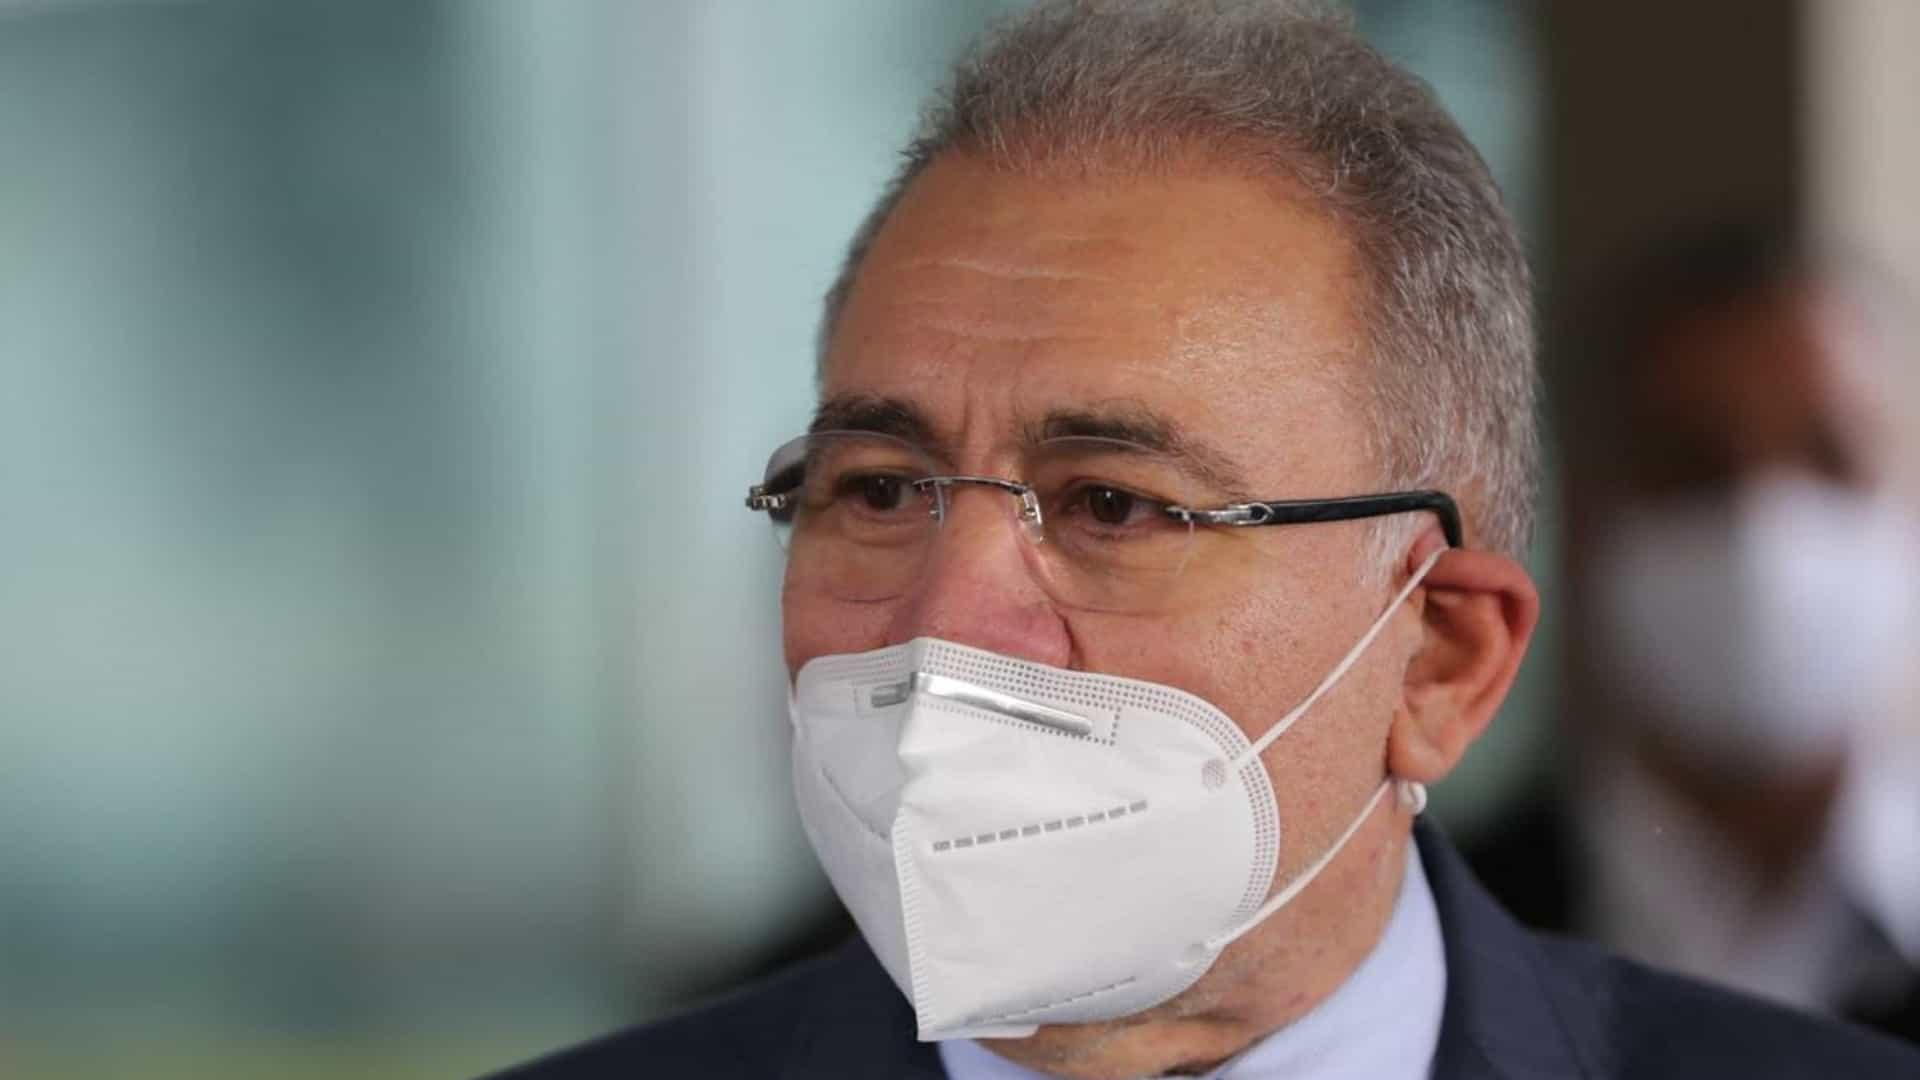 naom 6094282da12dc 1 - Marcelo Queiroga diz que Luana não traria 'conciliação entre médicos'